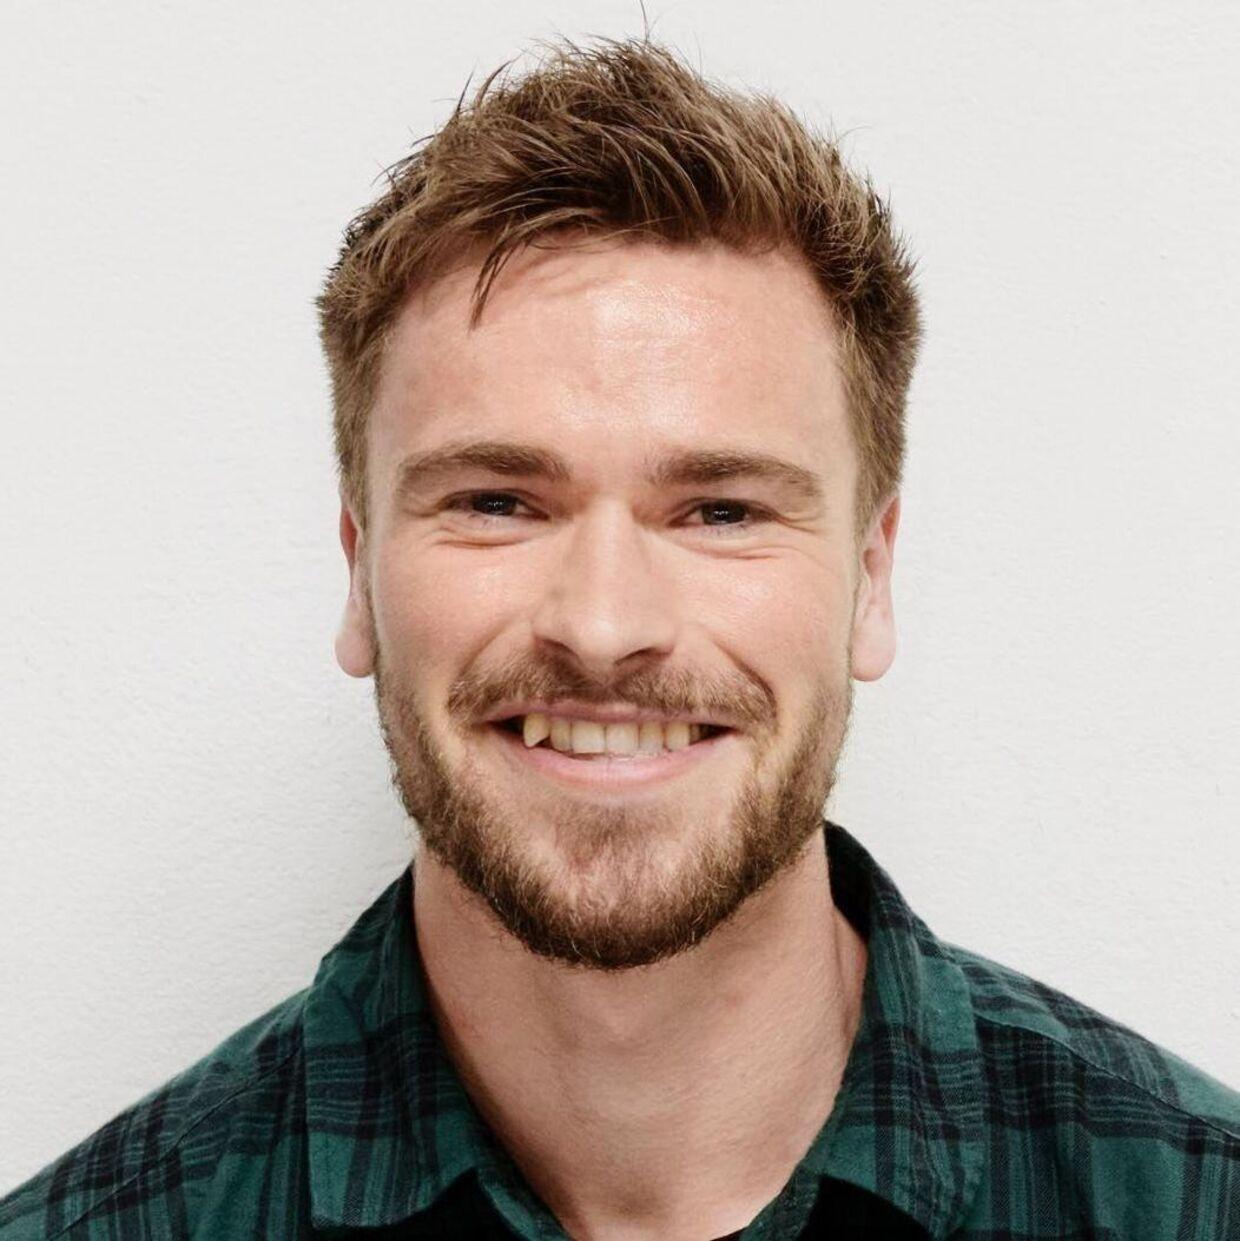 Christian Amdi er personlig træner i Aarhus. Han er uddannet fysioterapeut og har en mastergrad i Strenght & Conditioning. Han har stor interesse i kollagentilskud og har behandlet emnet både på sin blog og i sin podcast.